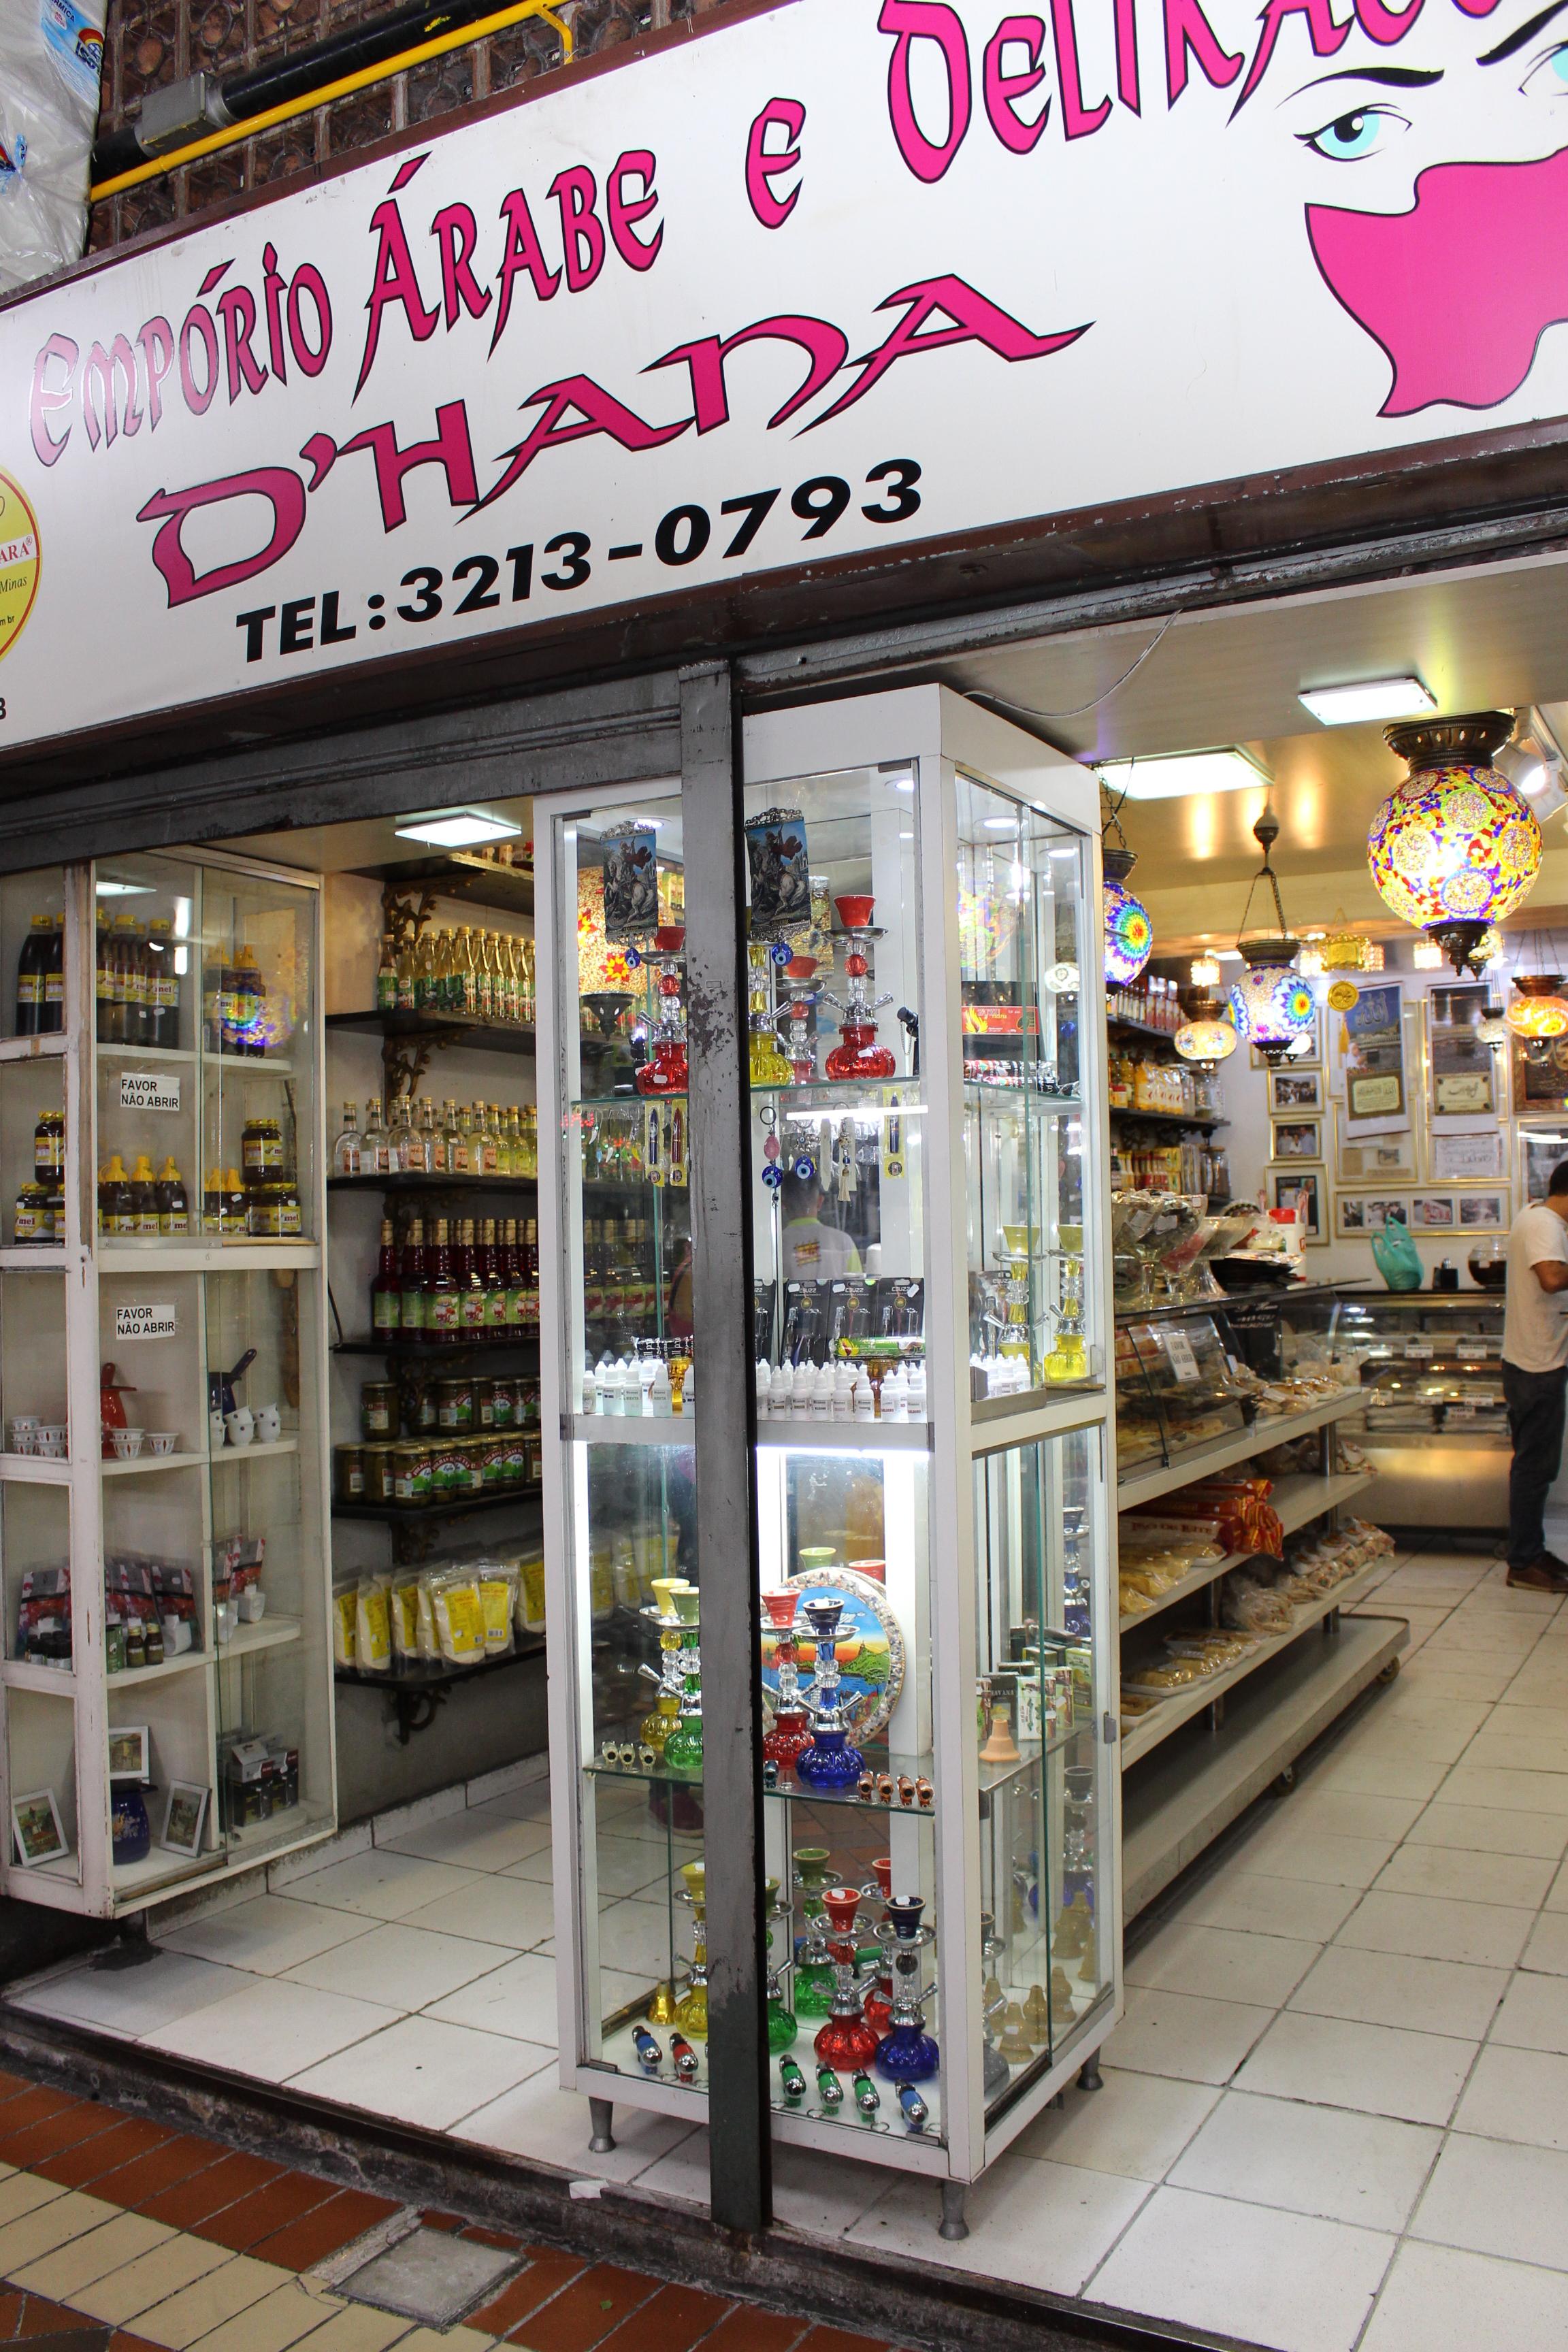 a30f1eaee 17 lojas imperdíveis no Mercado Central de Belo Horizonte